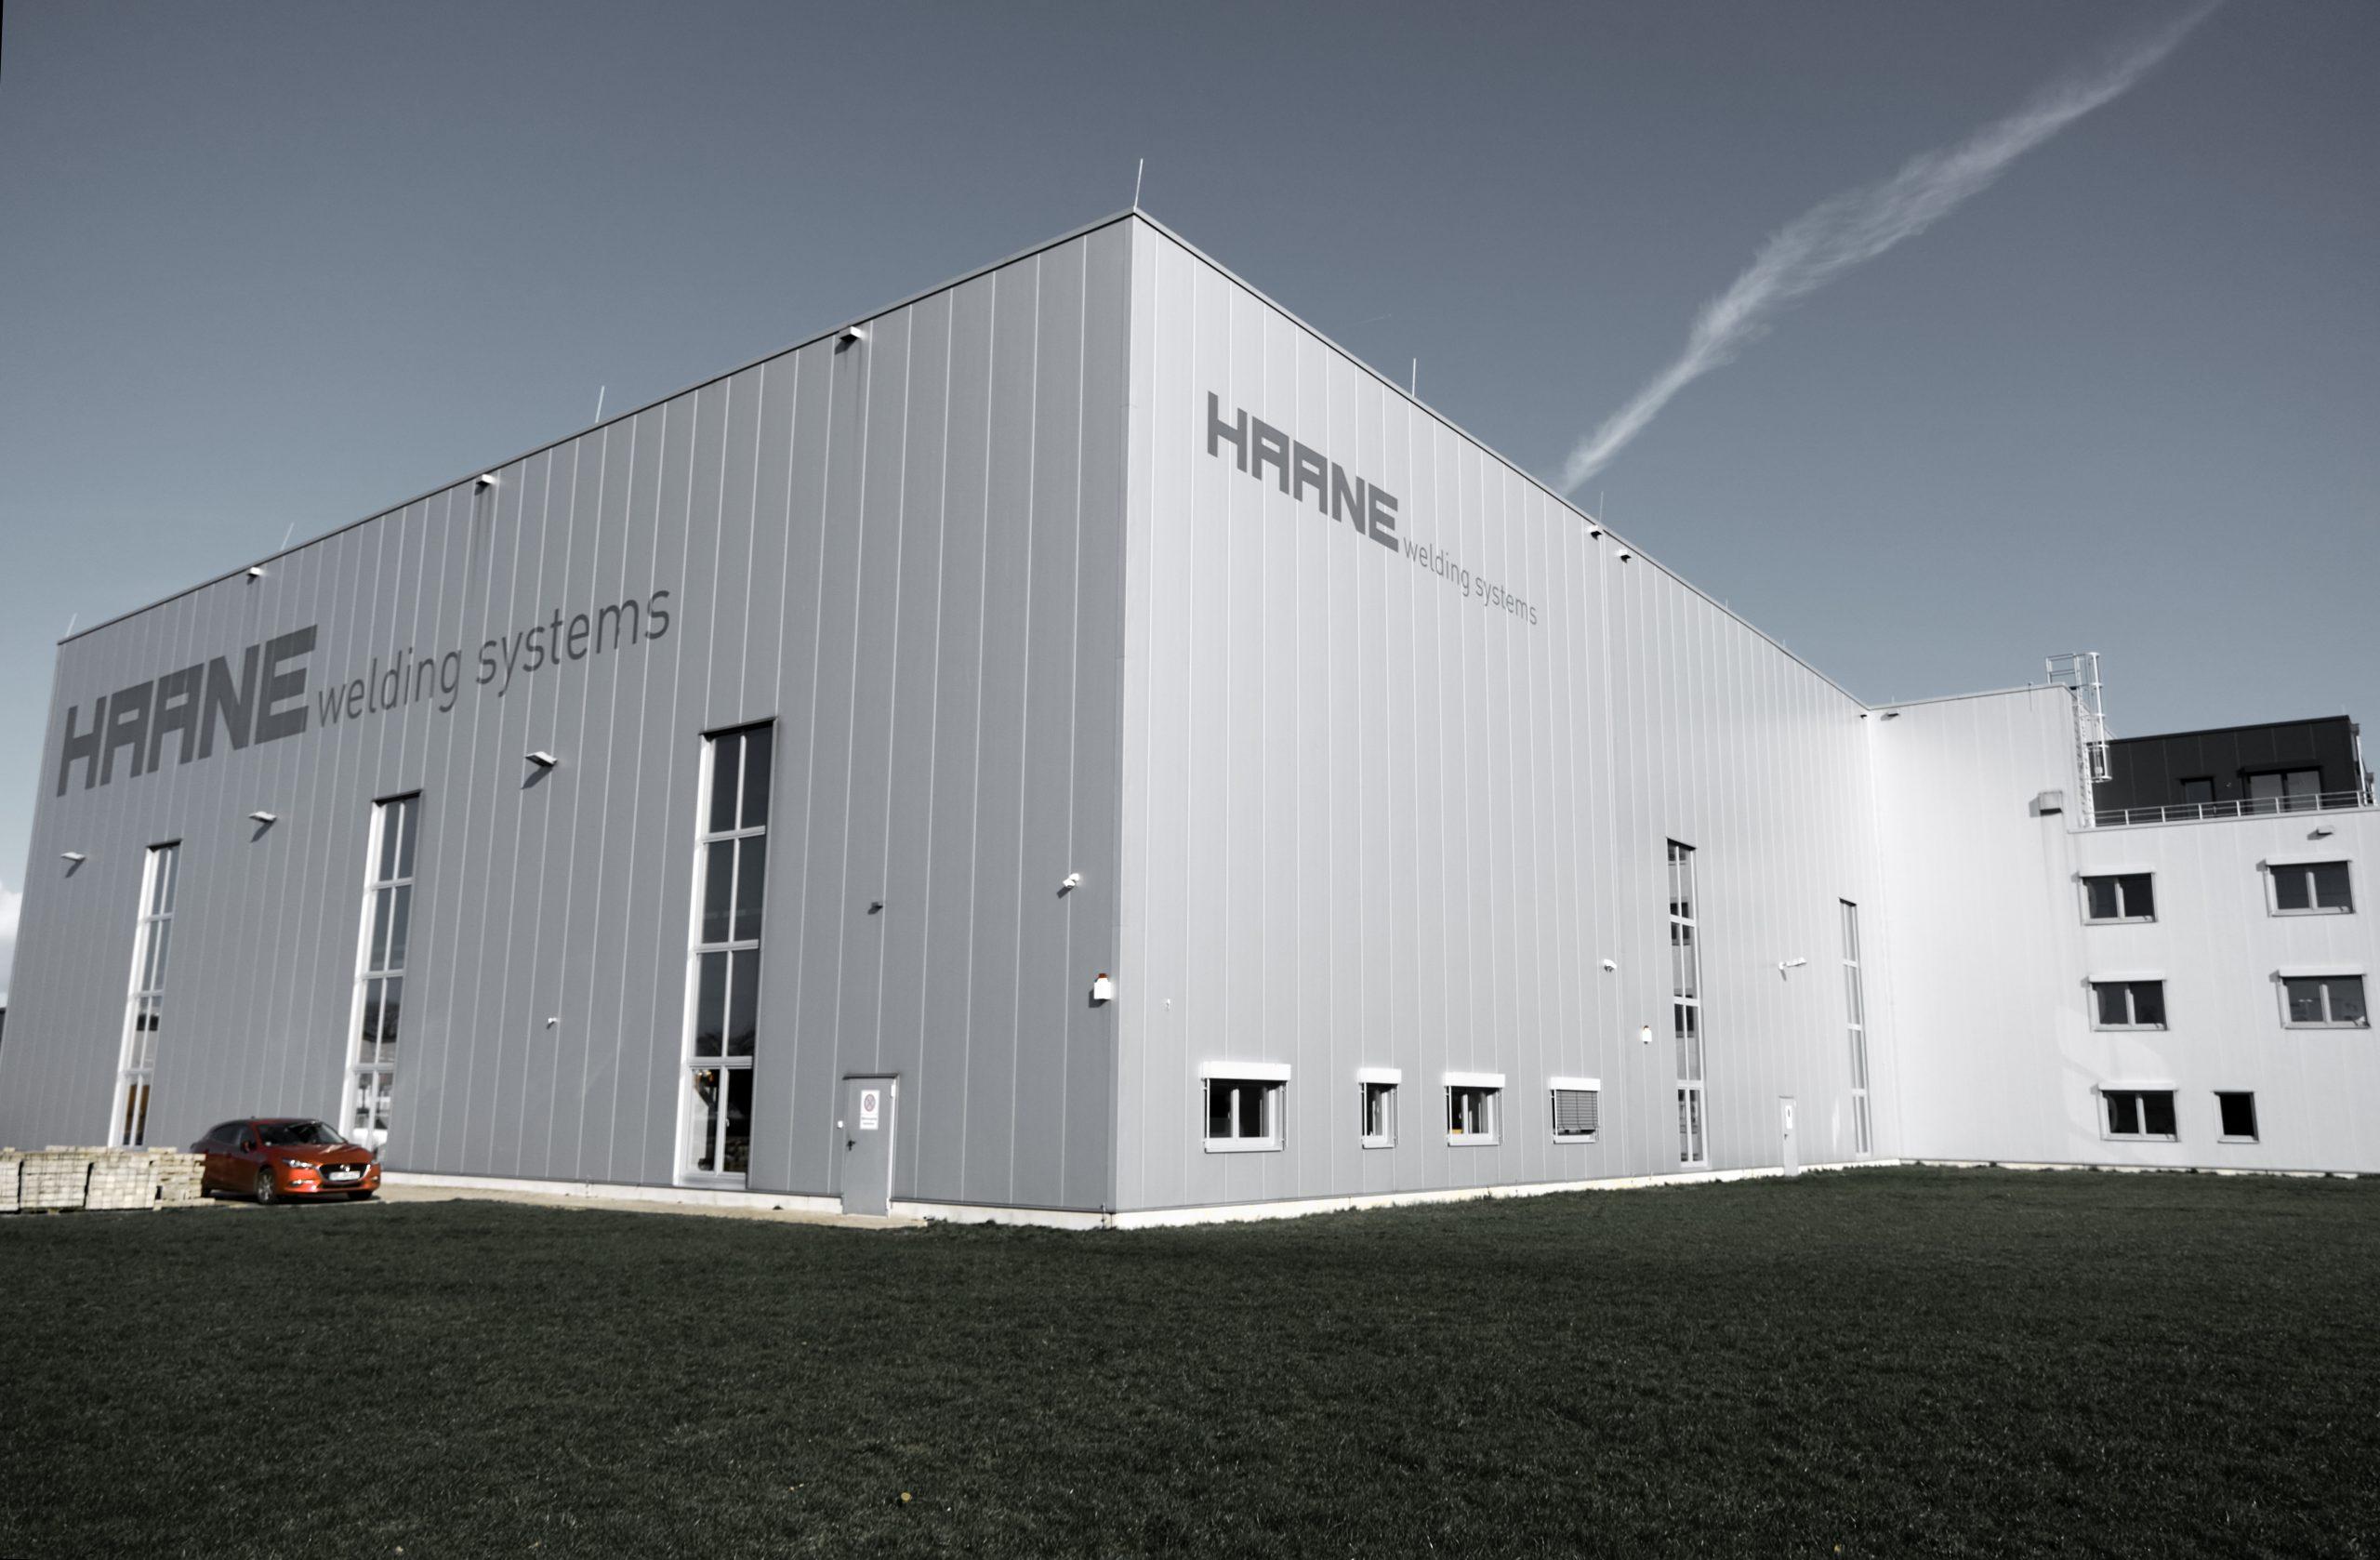 Haane Borken Company